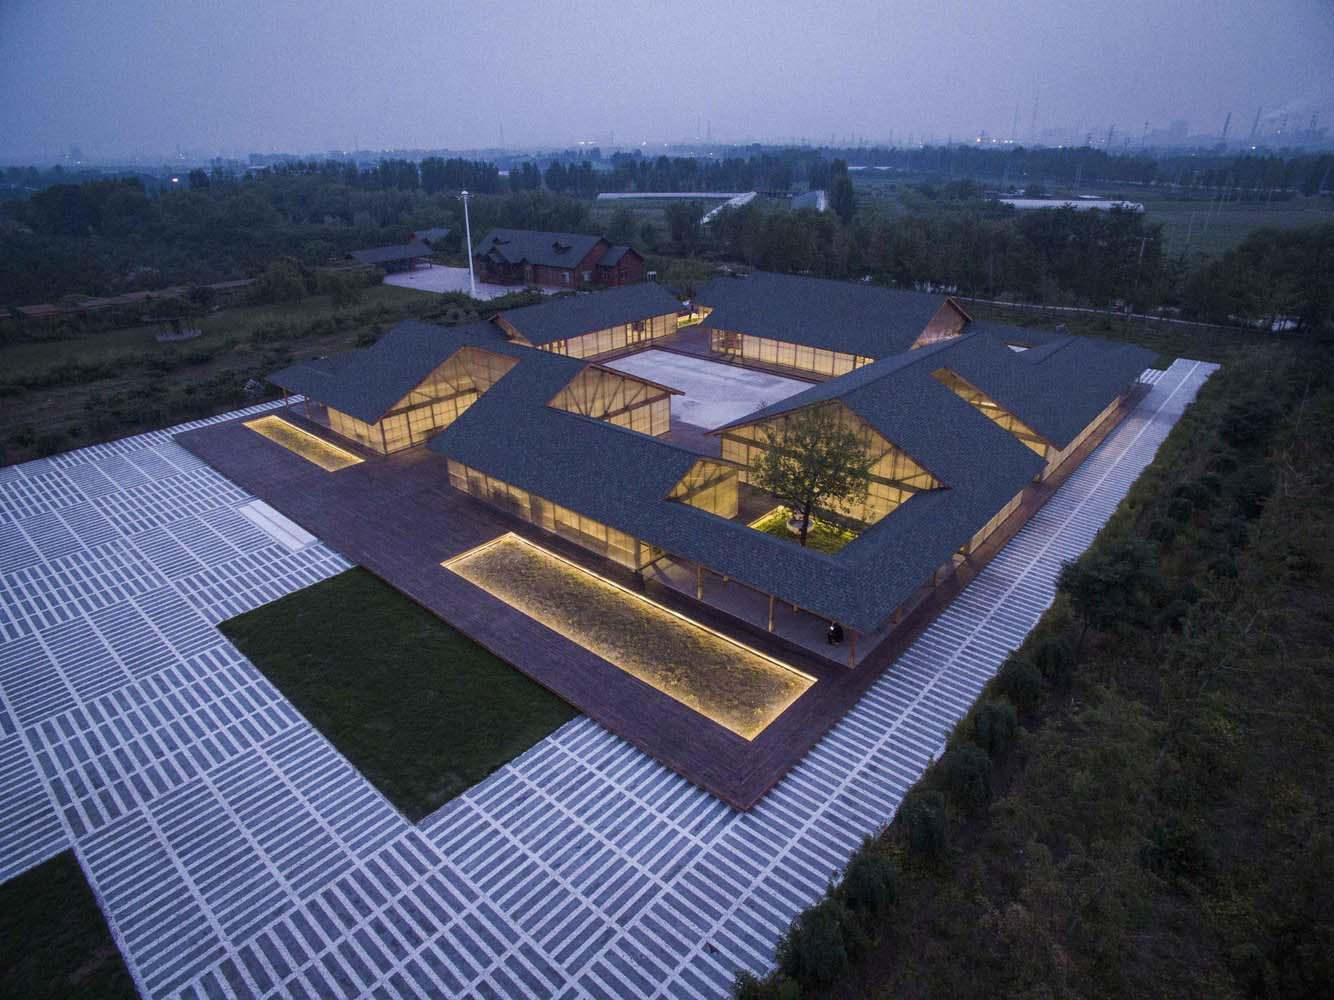 طراحی کارگاه تولید موادغذایی ارگانیک Tangshan ؛ استودیو معماری آرک ARCHSTUDIO